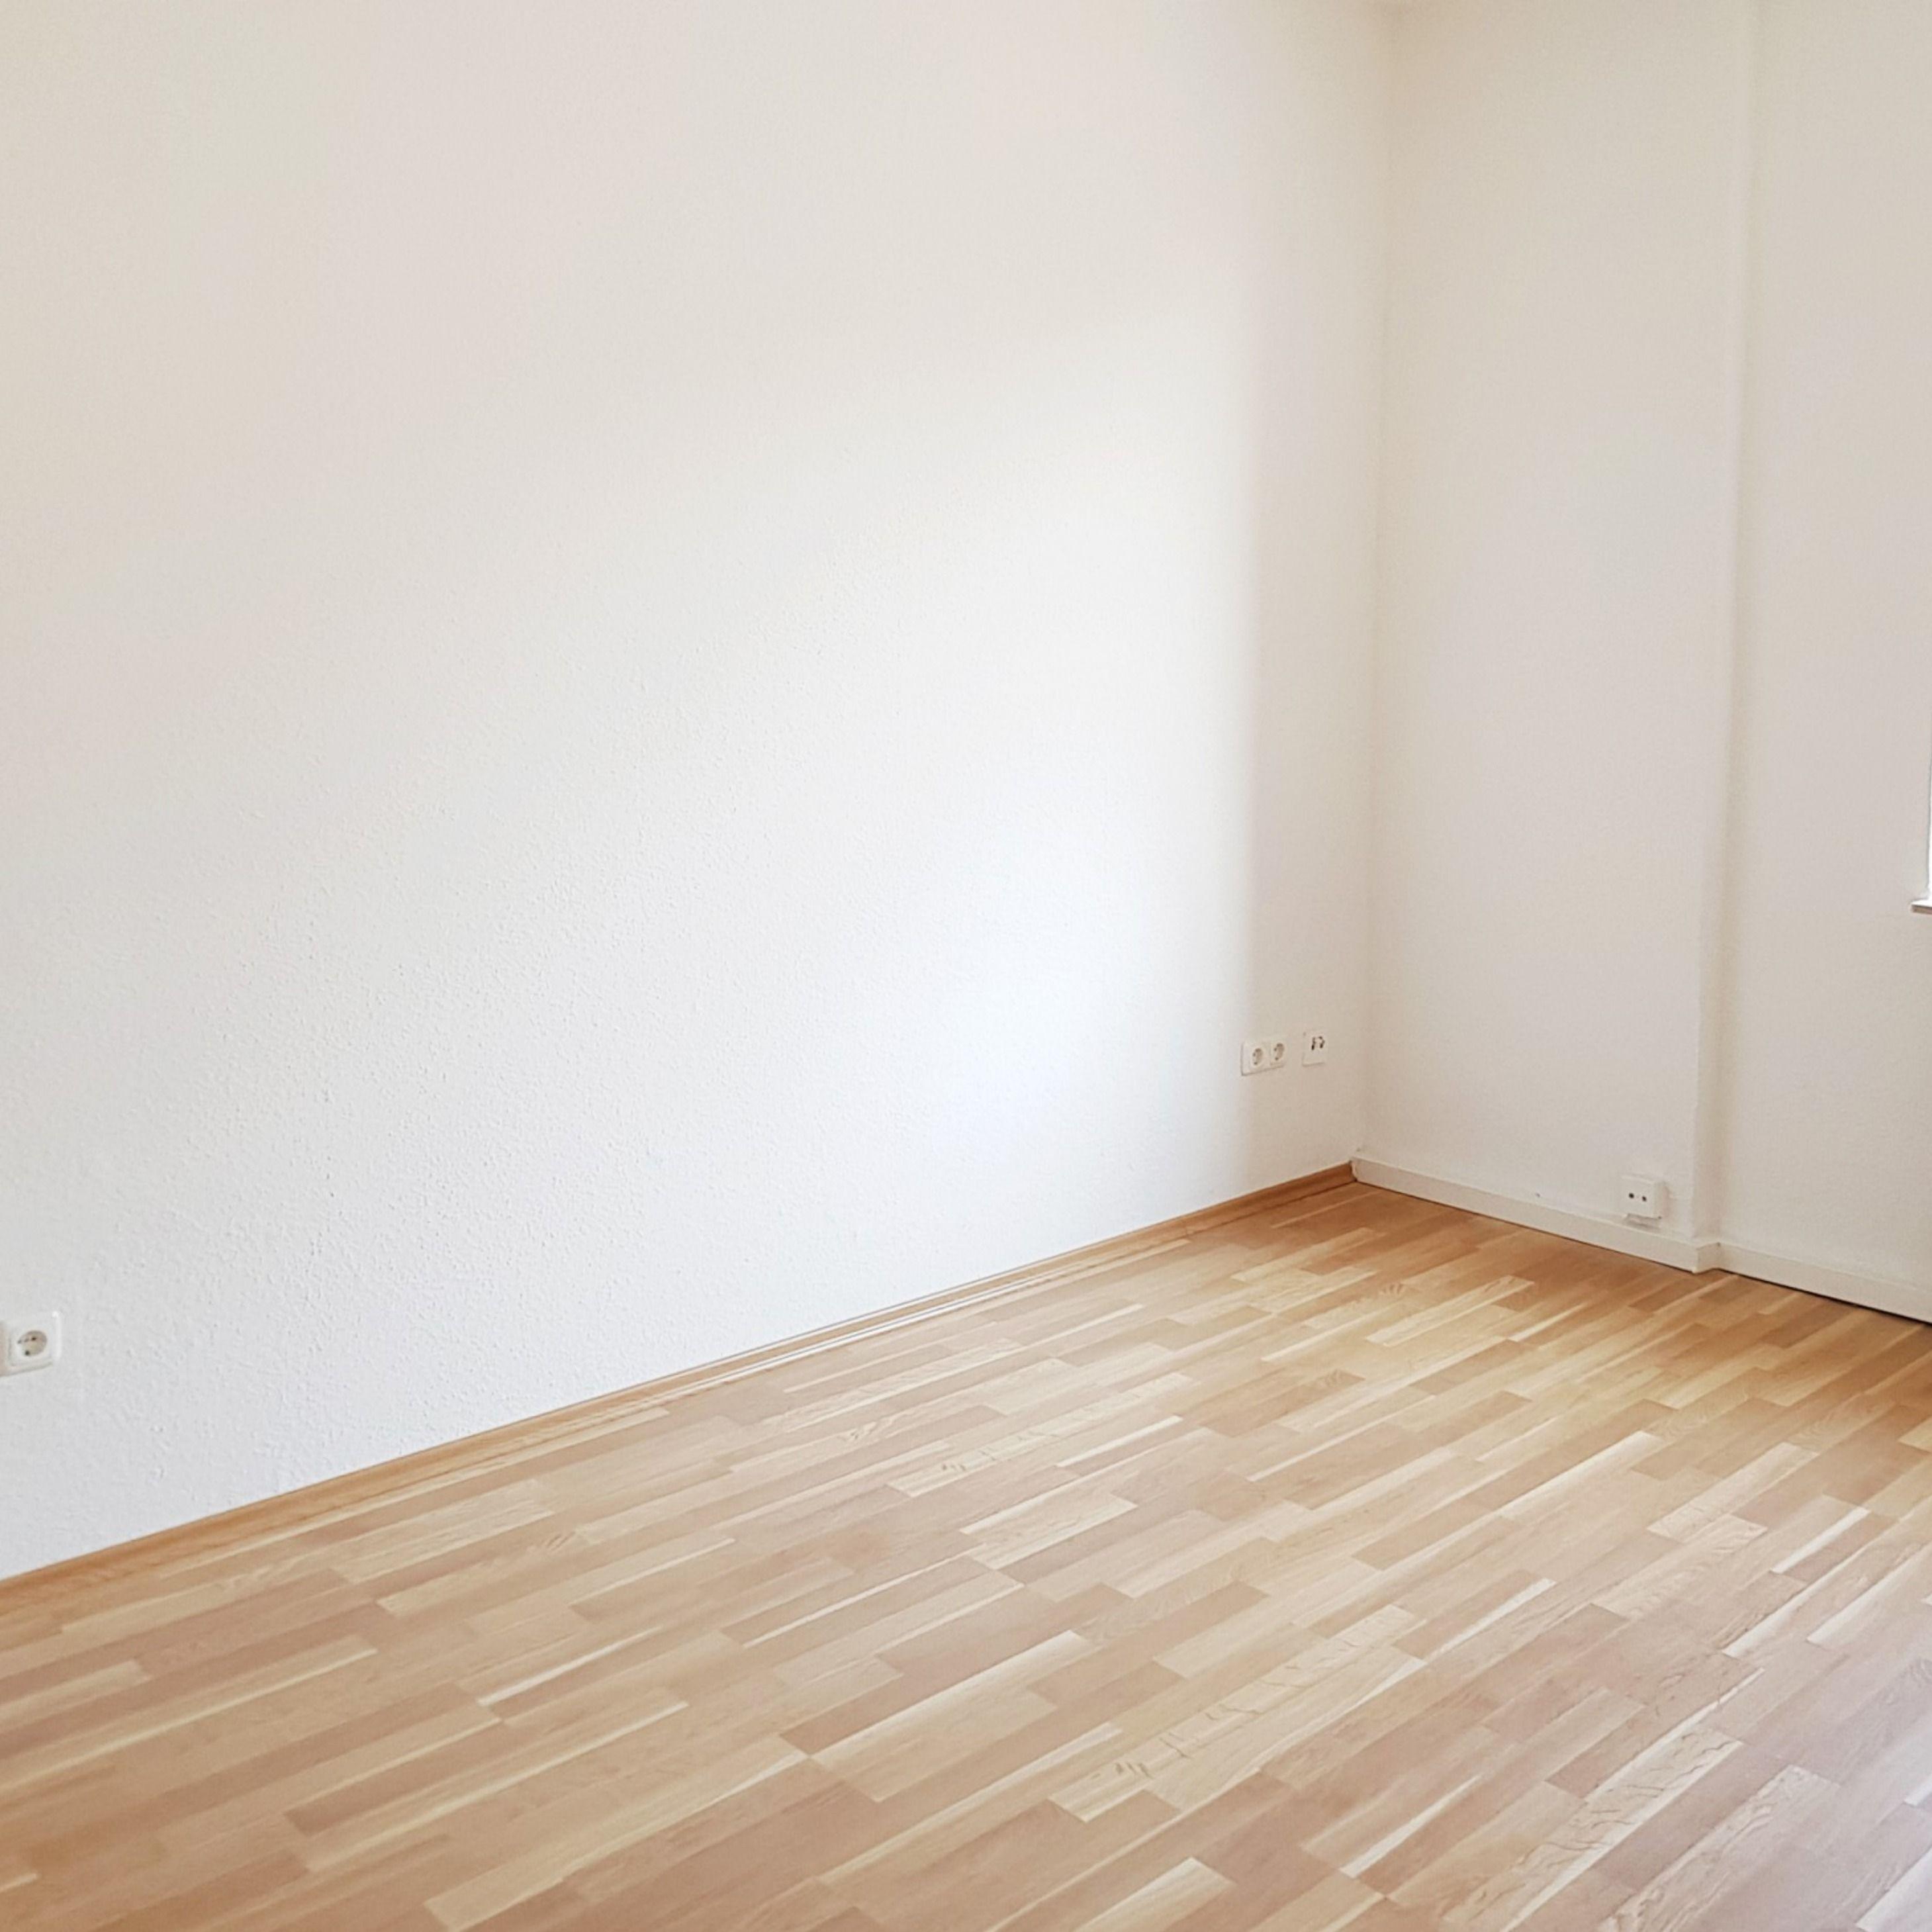 Gcp Hat Ein Weiteres Renovierungsprojekt In Recklinghausen Abgeschlossen Im Namen Der Wohnqualitat Die Fassaden Ne Wohnung Renovieren Wohnen Wohnung